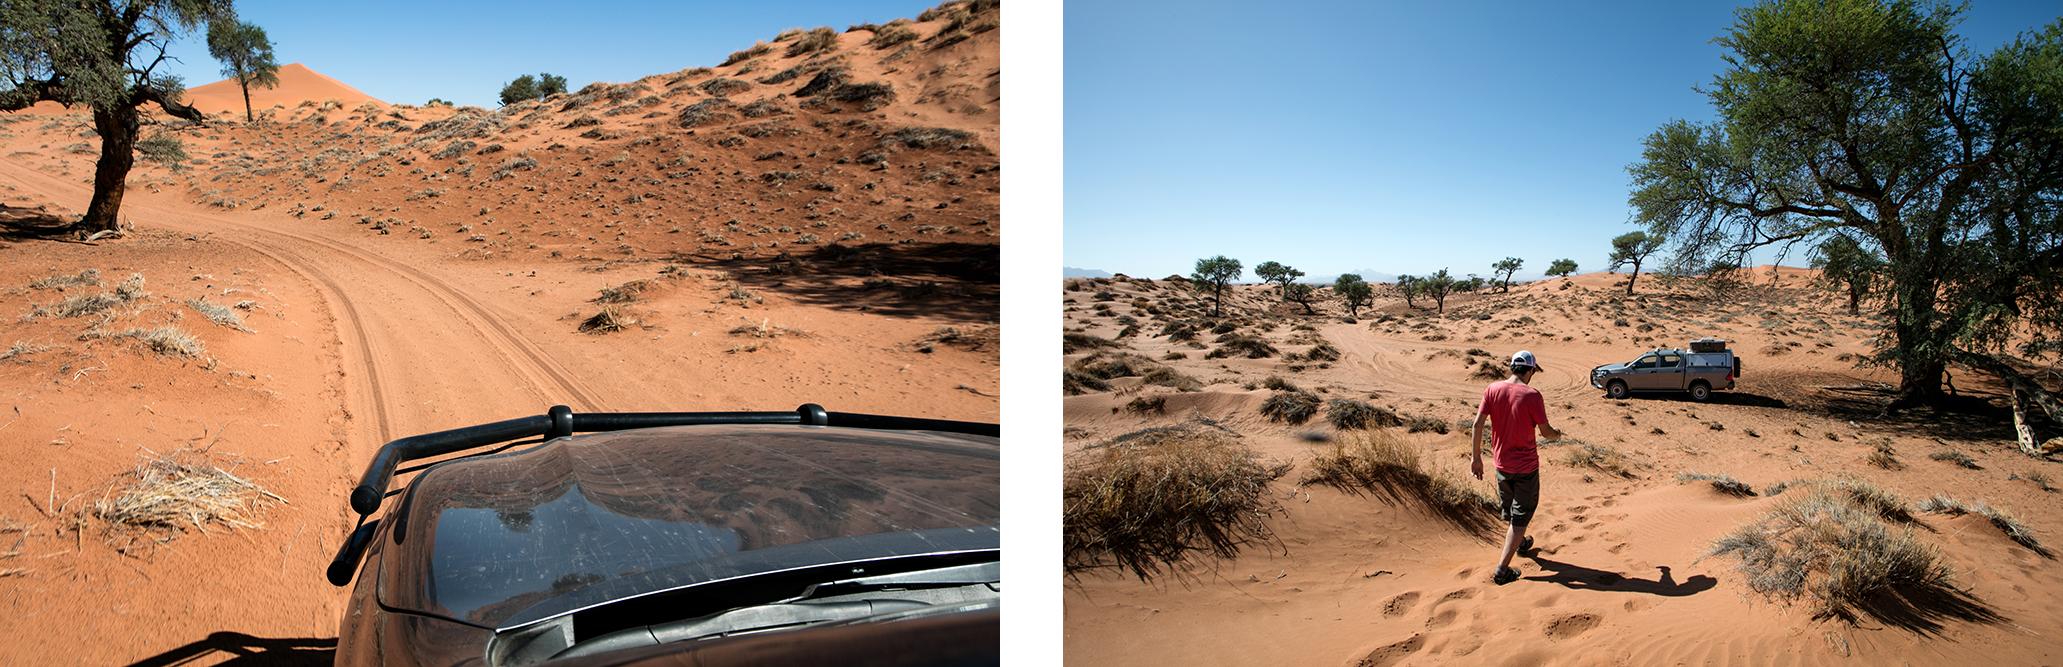 drive-namibrand-namibie